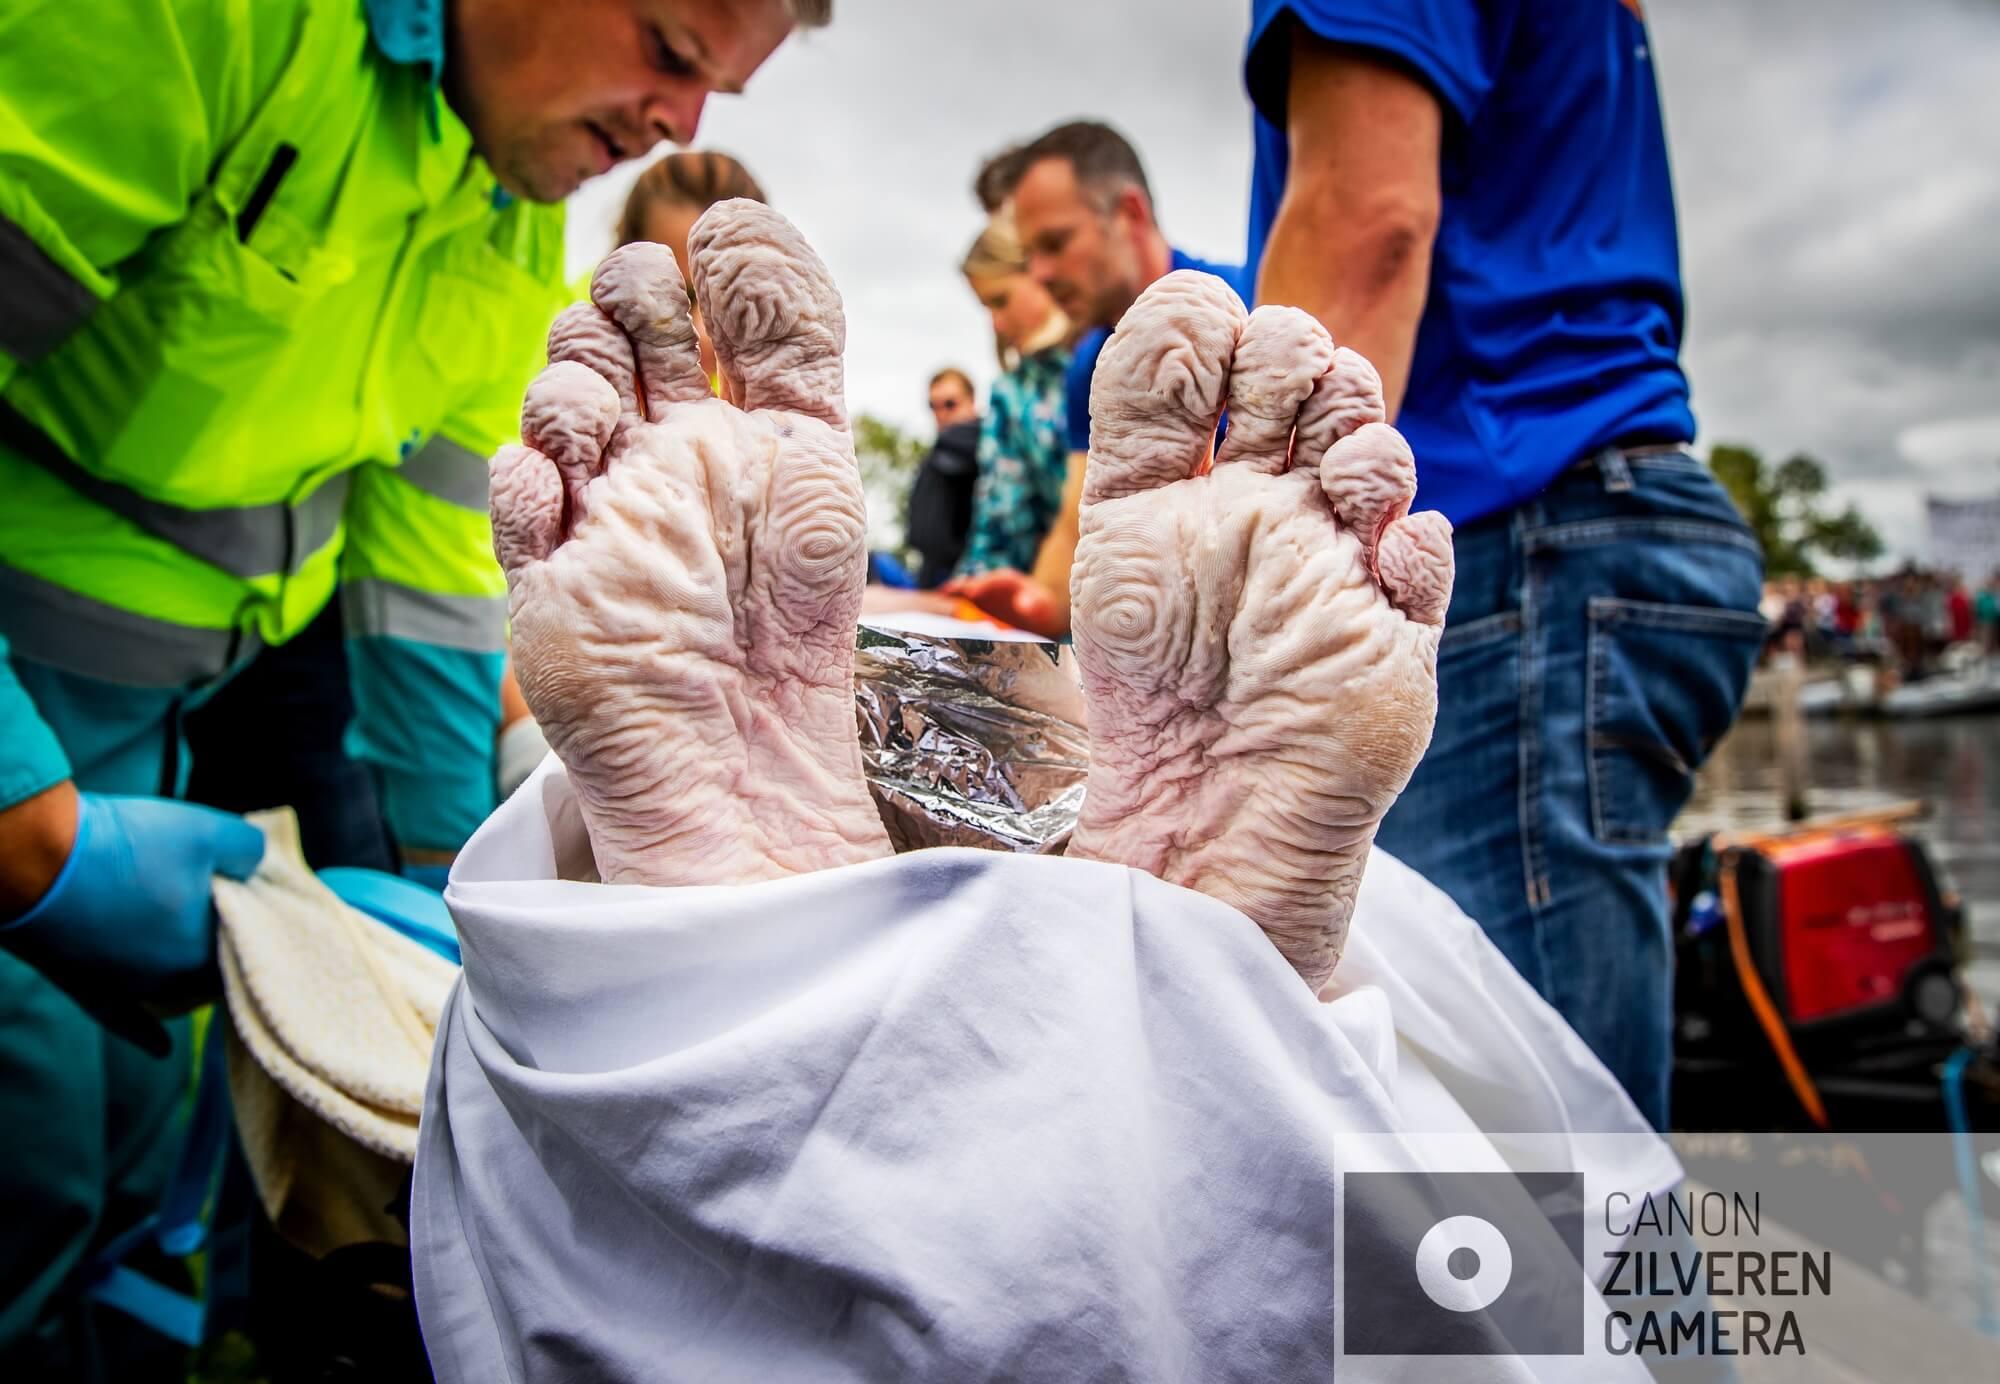 BIRDAARD - De voeten van Maarten van der Weijden nadat hij zijn zwemtocht langs elf Friese steden heeft moeten staken. Met zijn zwemtocht haalde de olympisch zwemmer geld op voor kankeronderzoek.